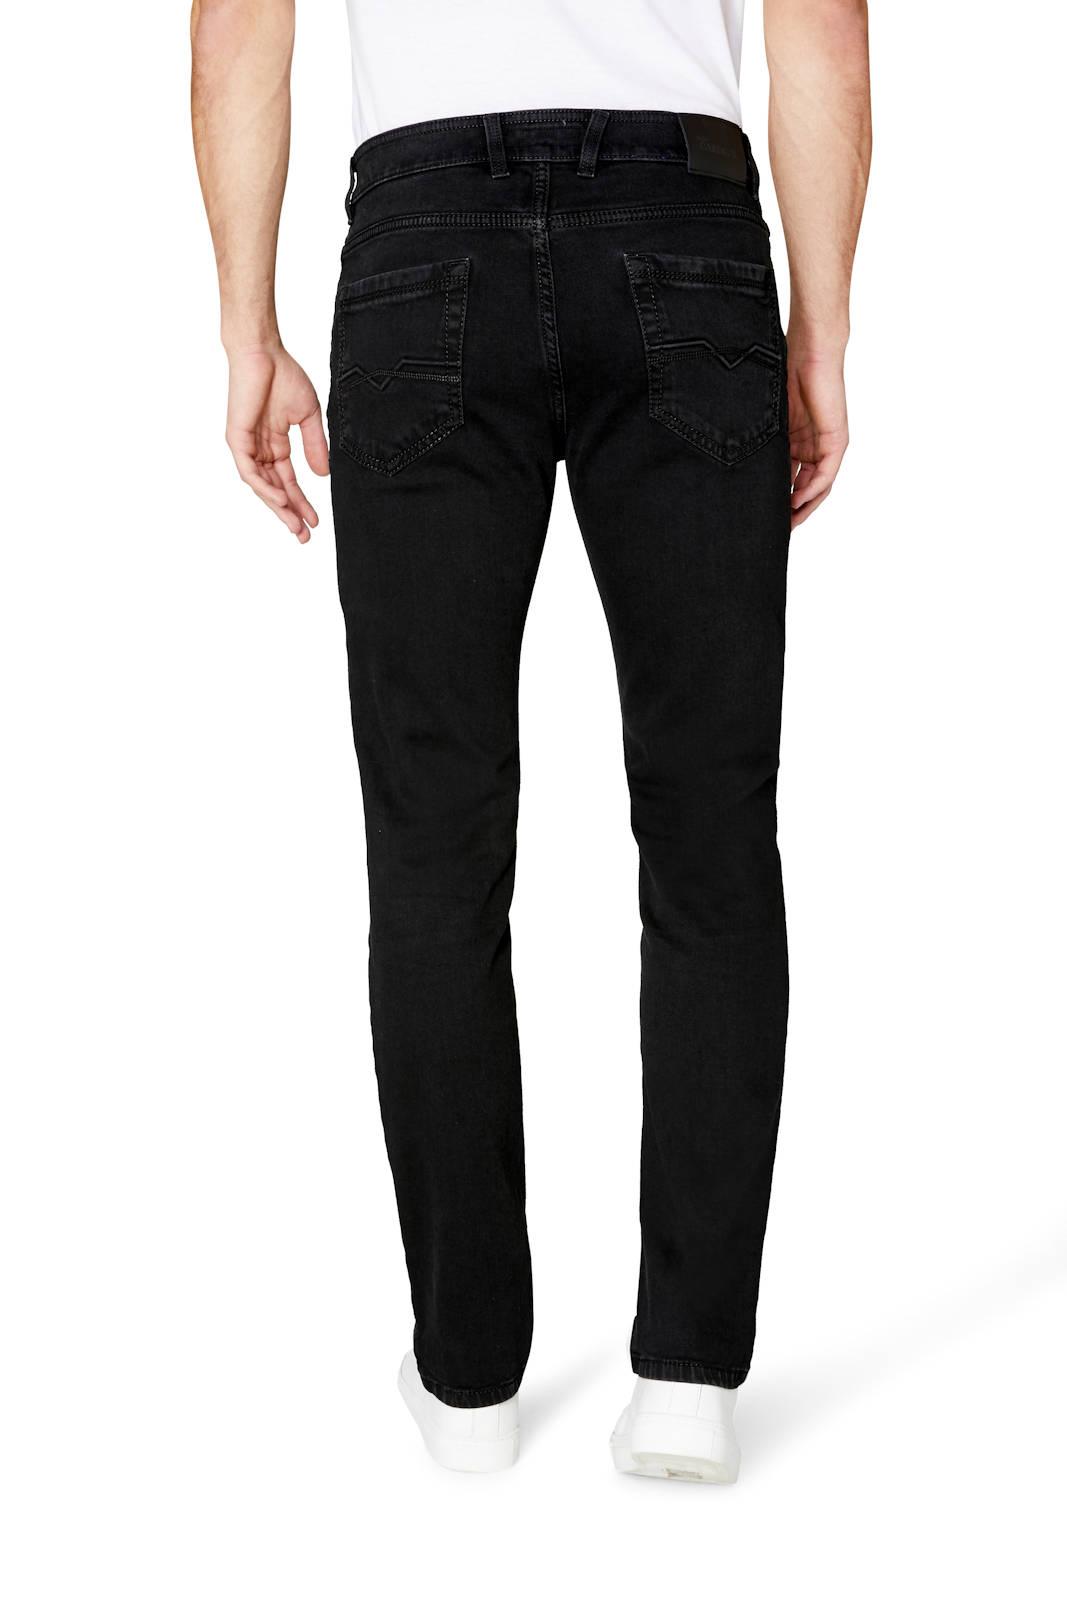 Atelier-GARDEUR-Jeans-BATU-2-Modern-Fit-Herren-Hose-Slim-Leg-Denim-NEU Indexbild 15